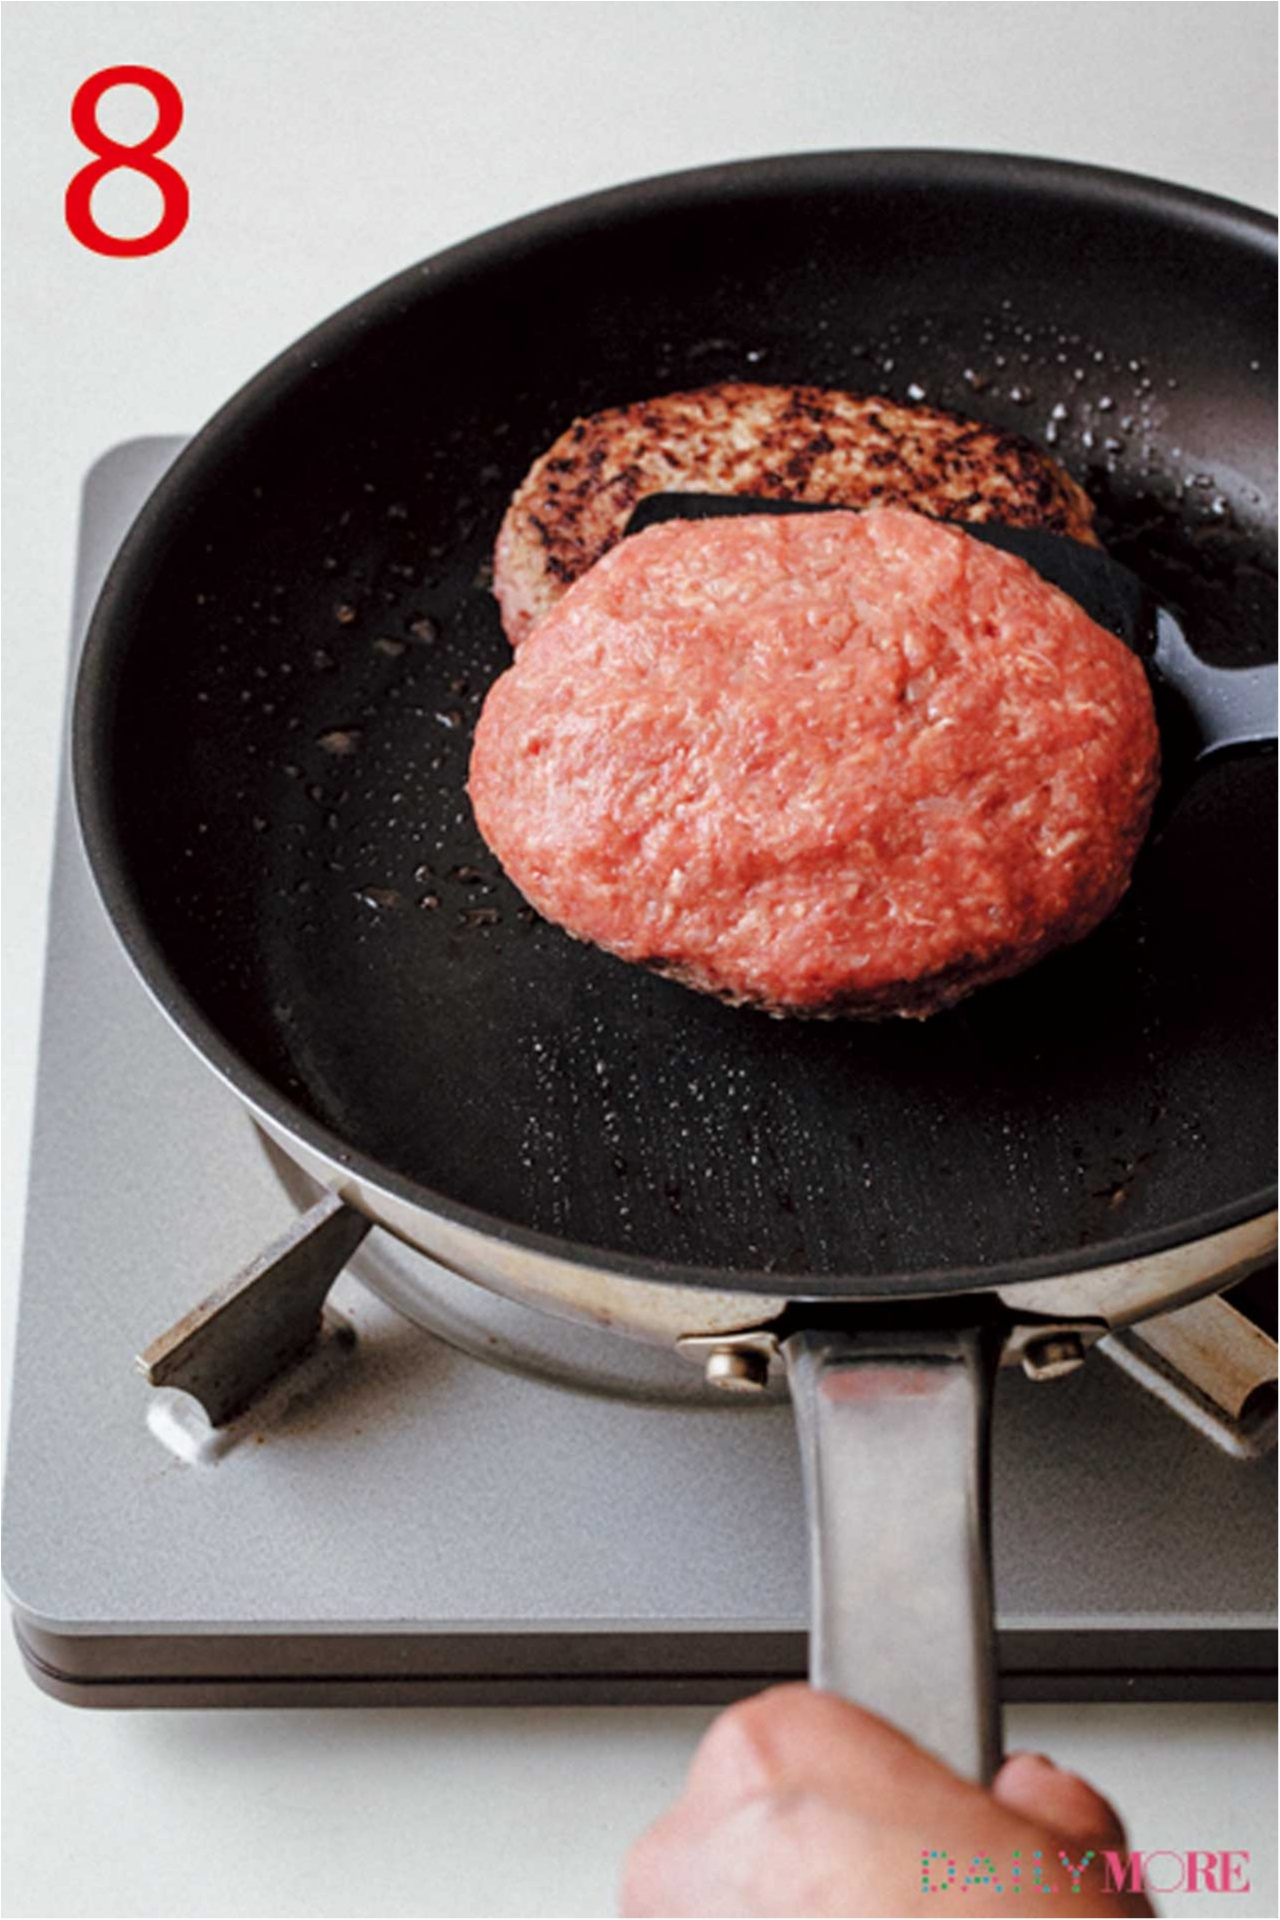 これぞ結婚できるハンバーグ!?  覚えておきたい『世界一おいしい♡ 基本のハンバーグ』レシピ_11